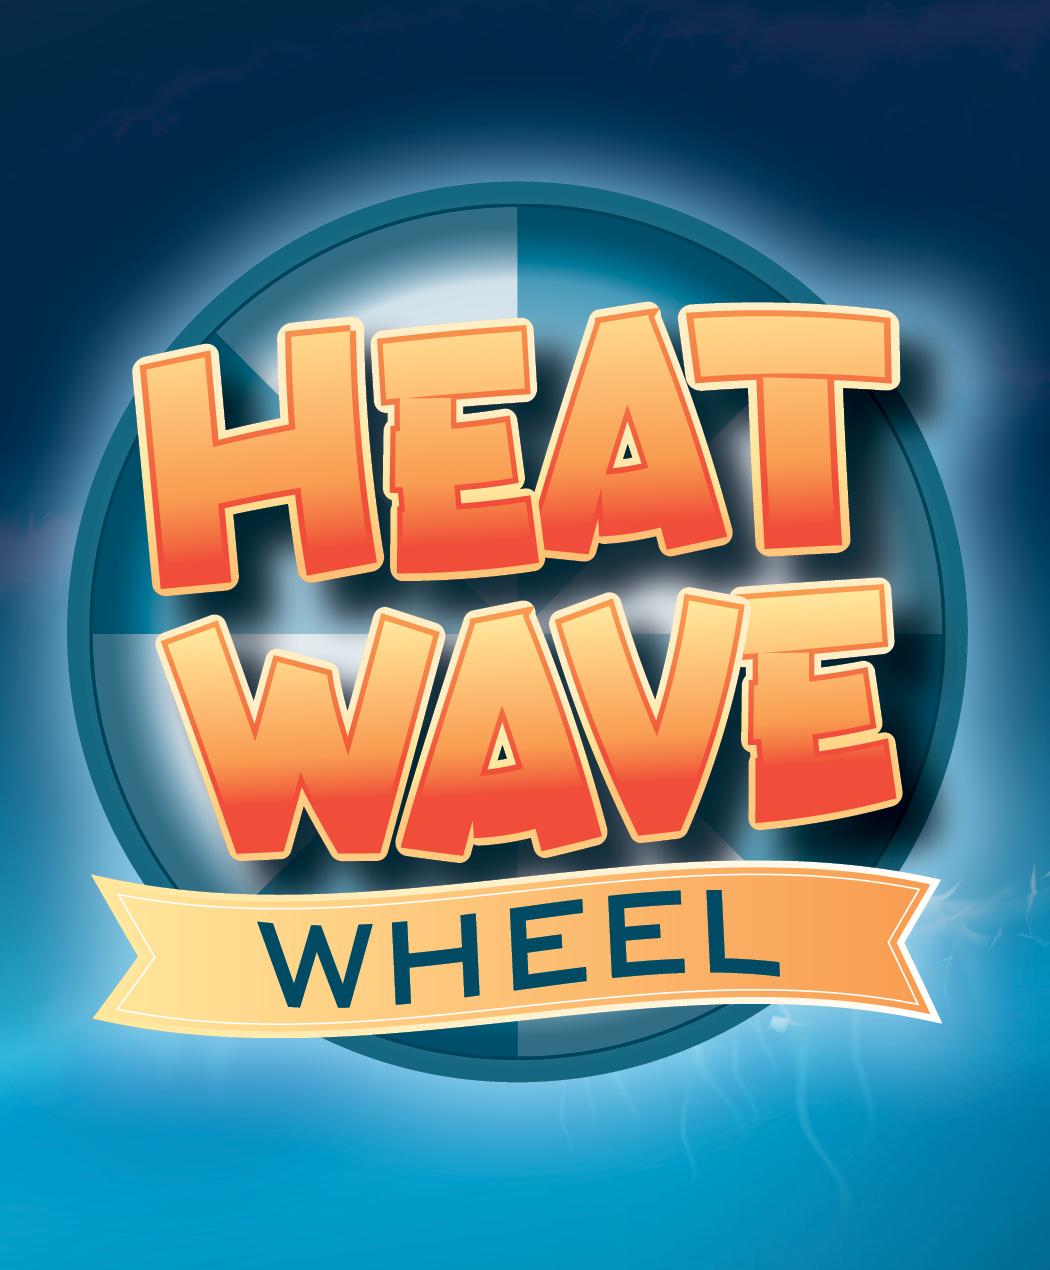 Heat Wave Wheel